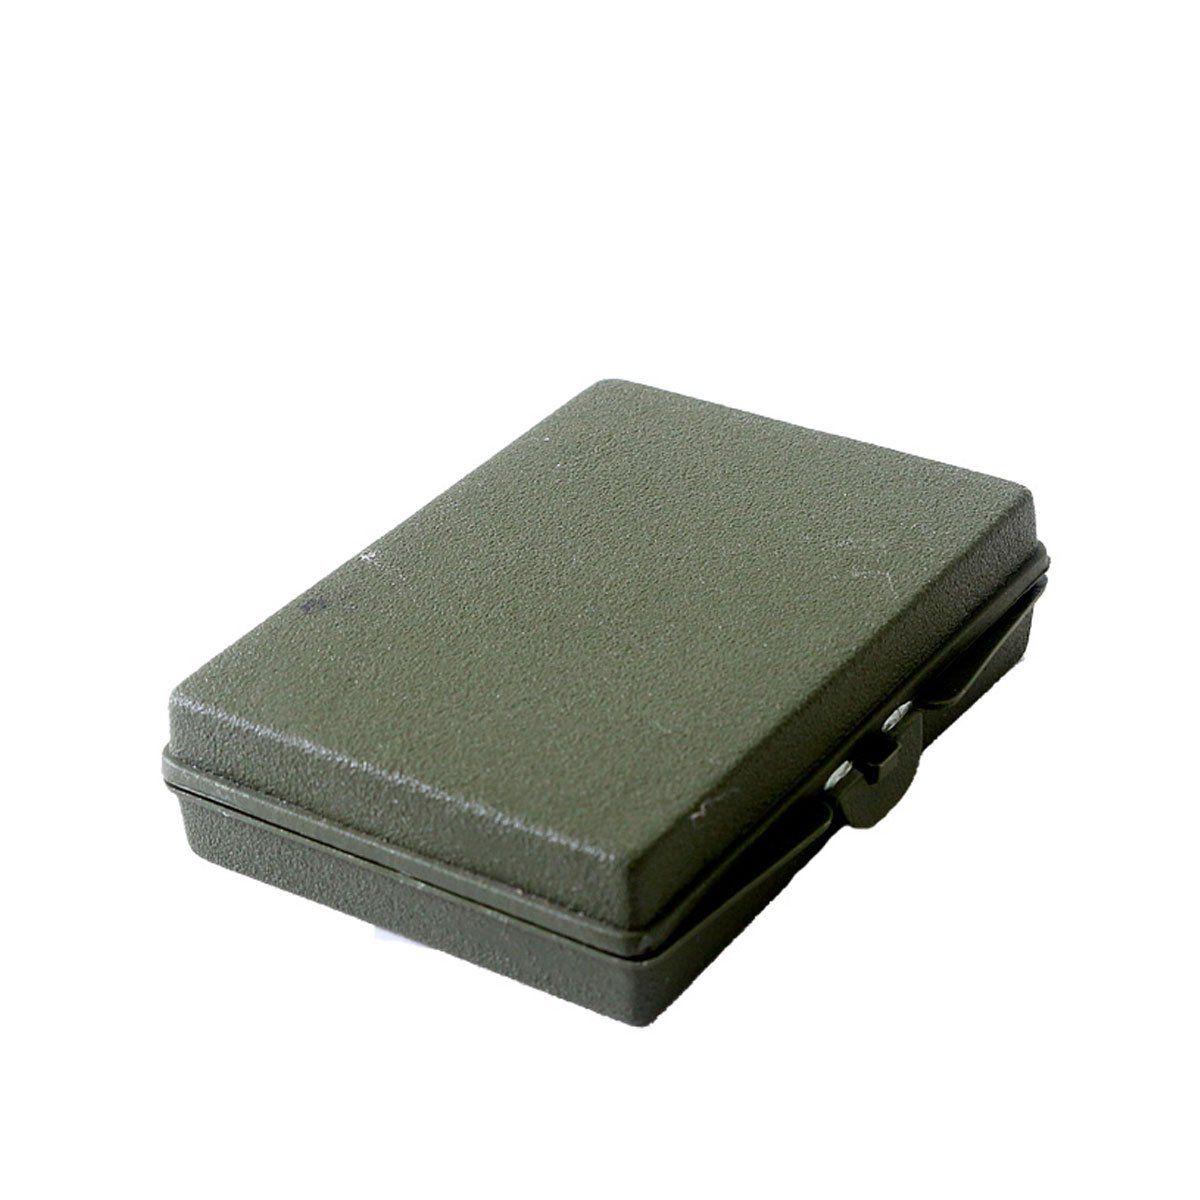 Kit Camuflagem C/ Espelho Elite C/andos Verde/ Marrom/ Preto